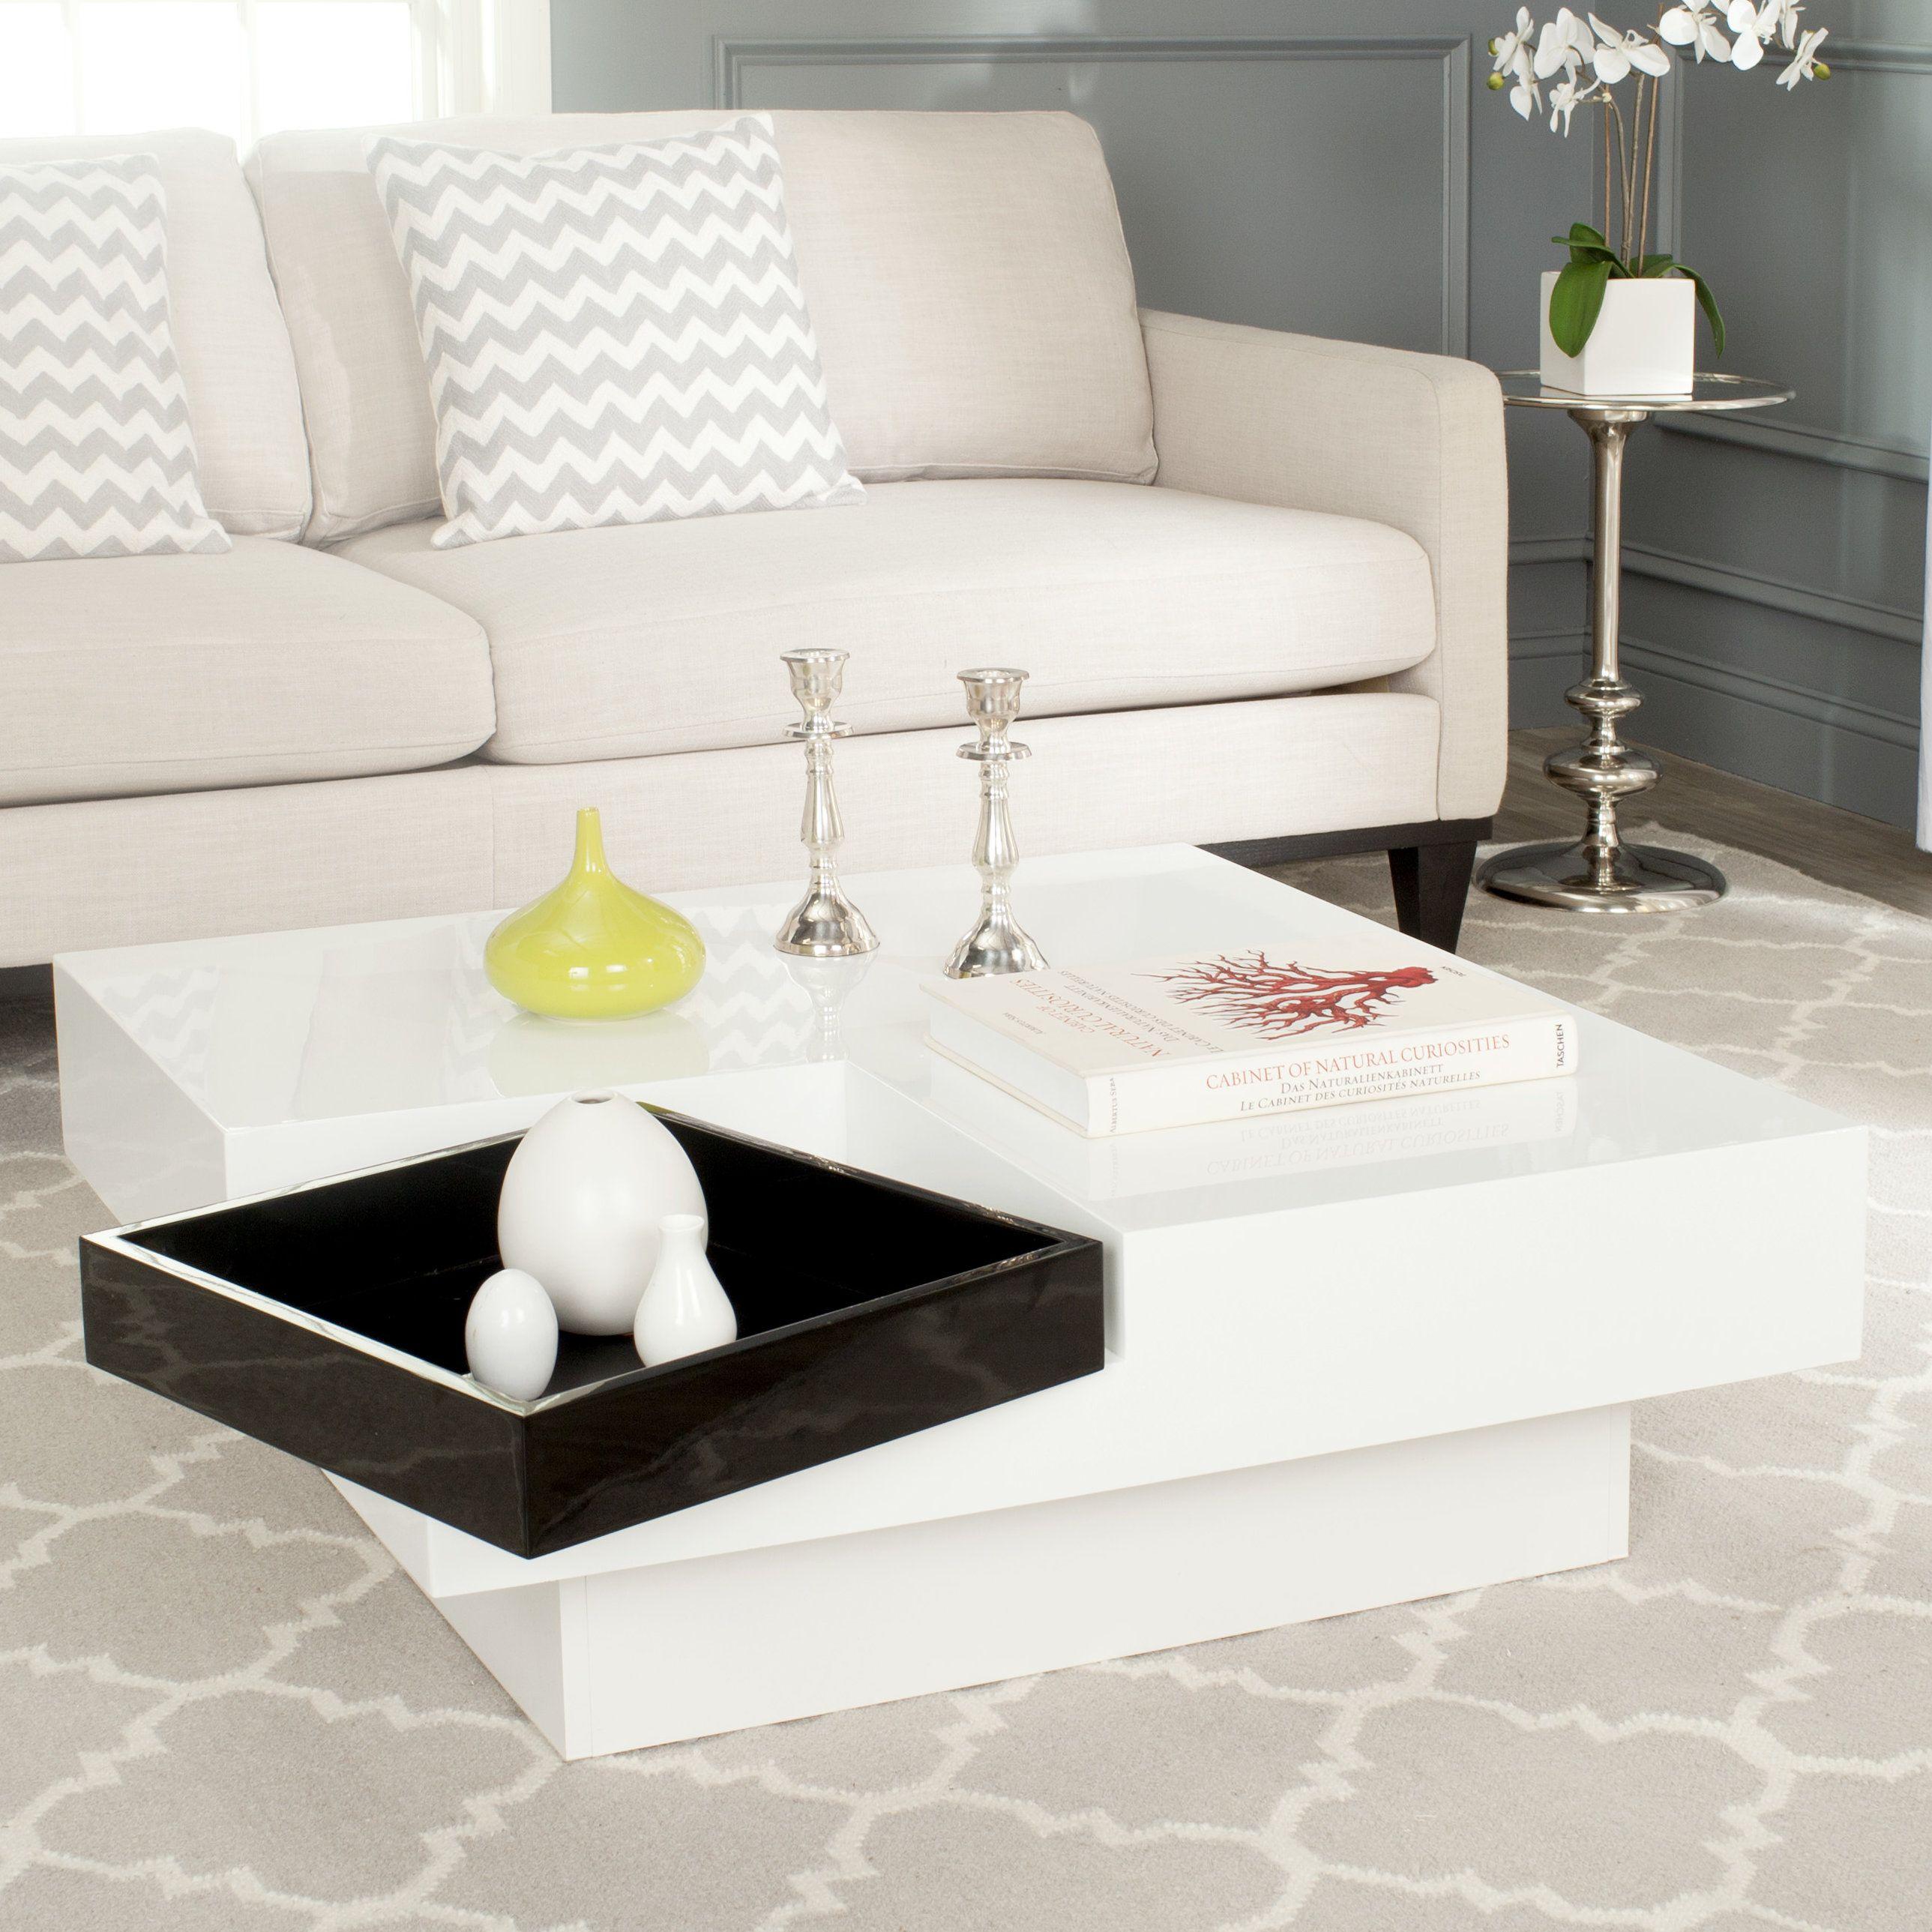 Lomax Coffee Table Black Square Coffee Table Elegant Living